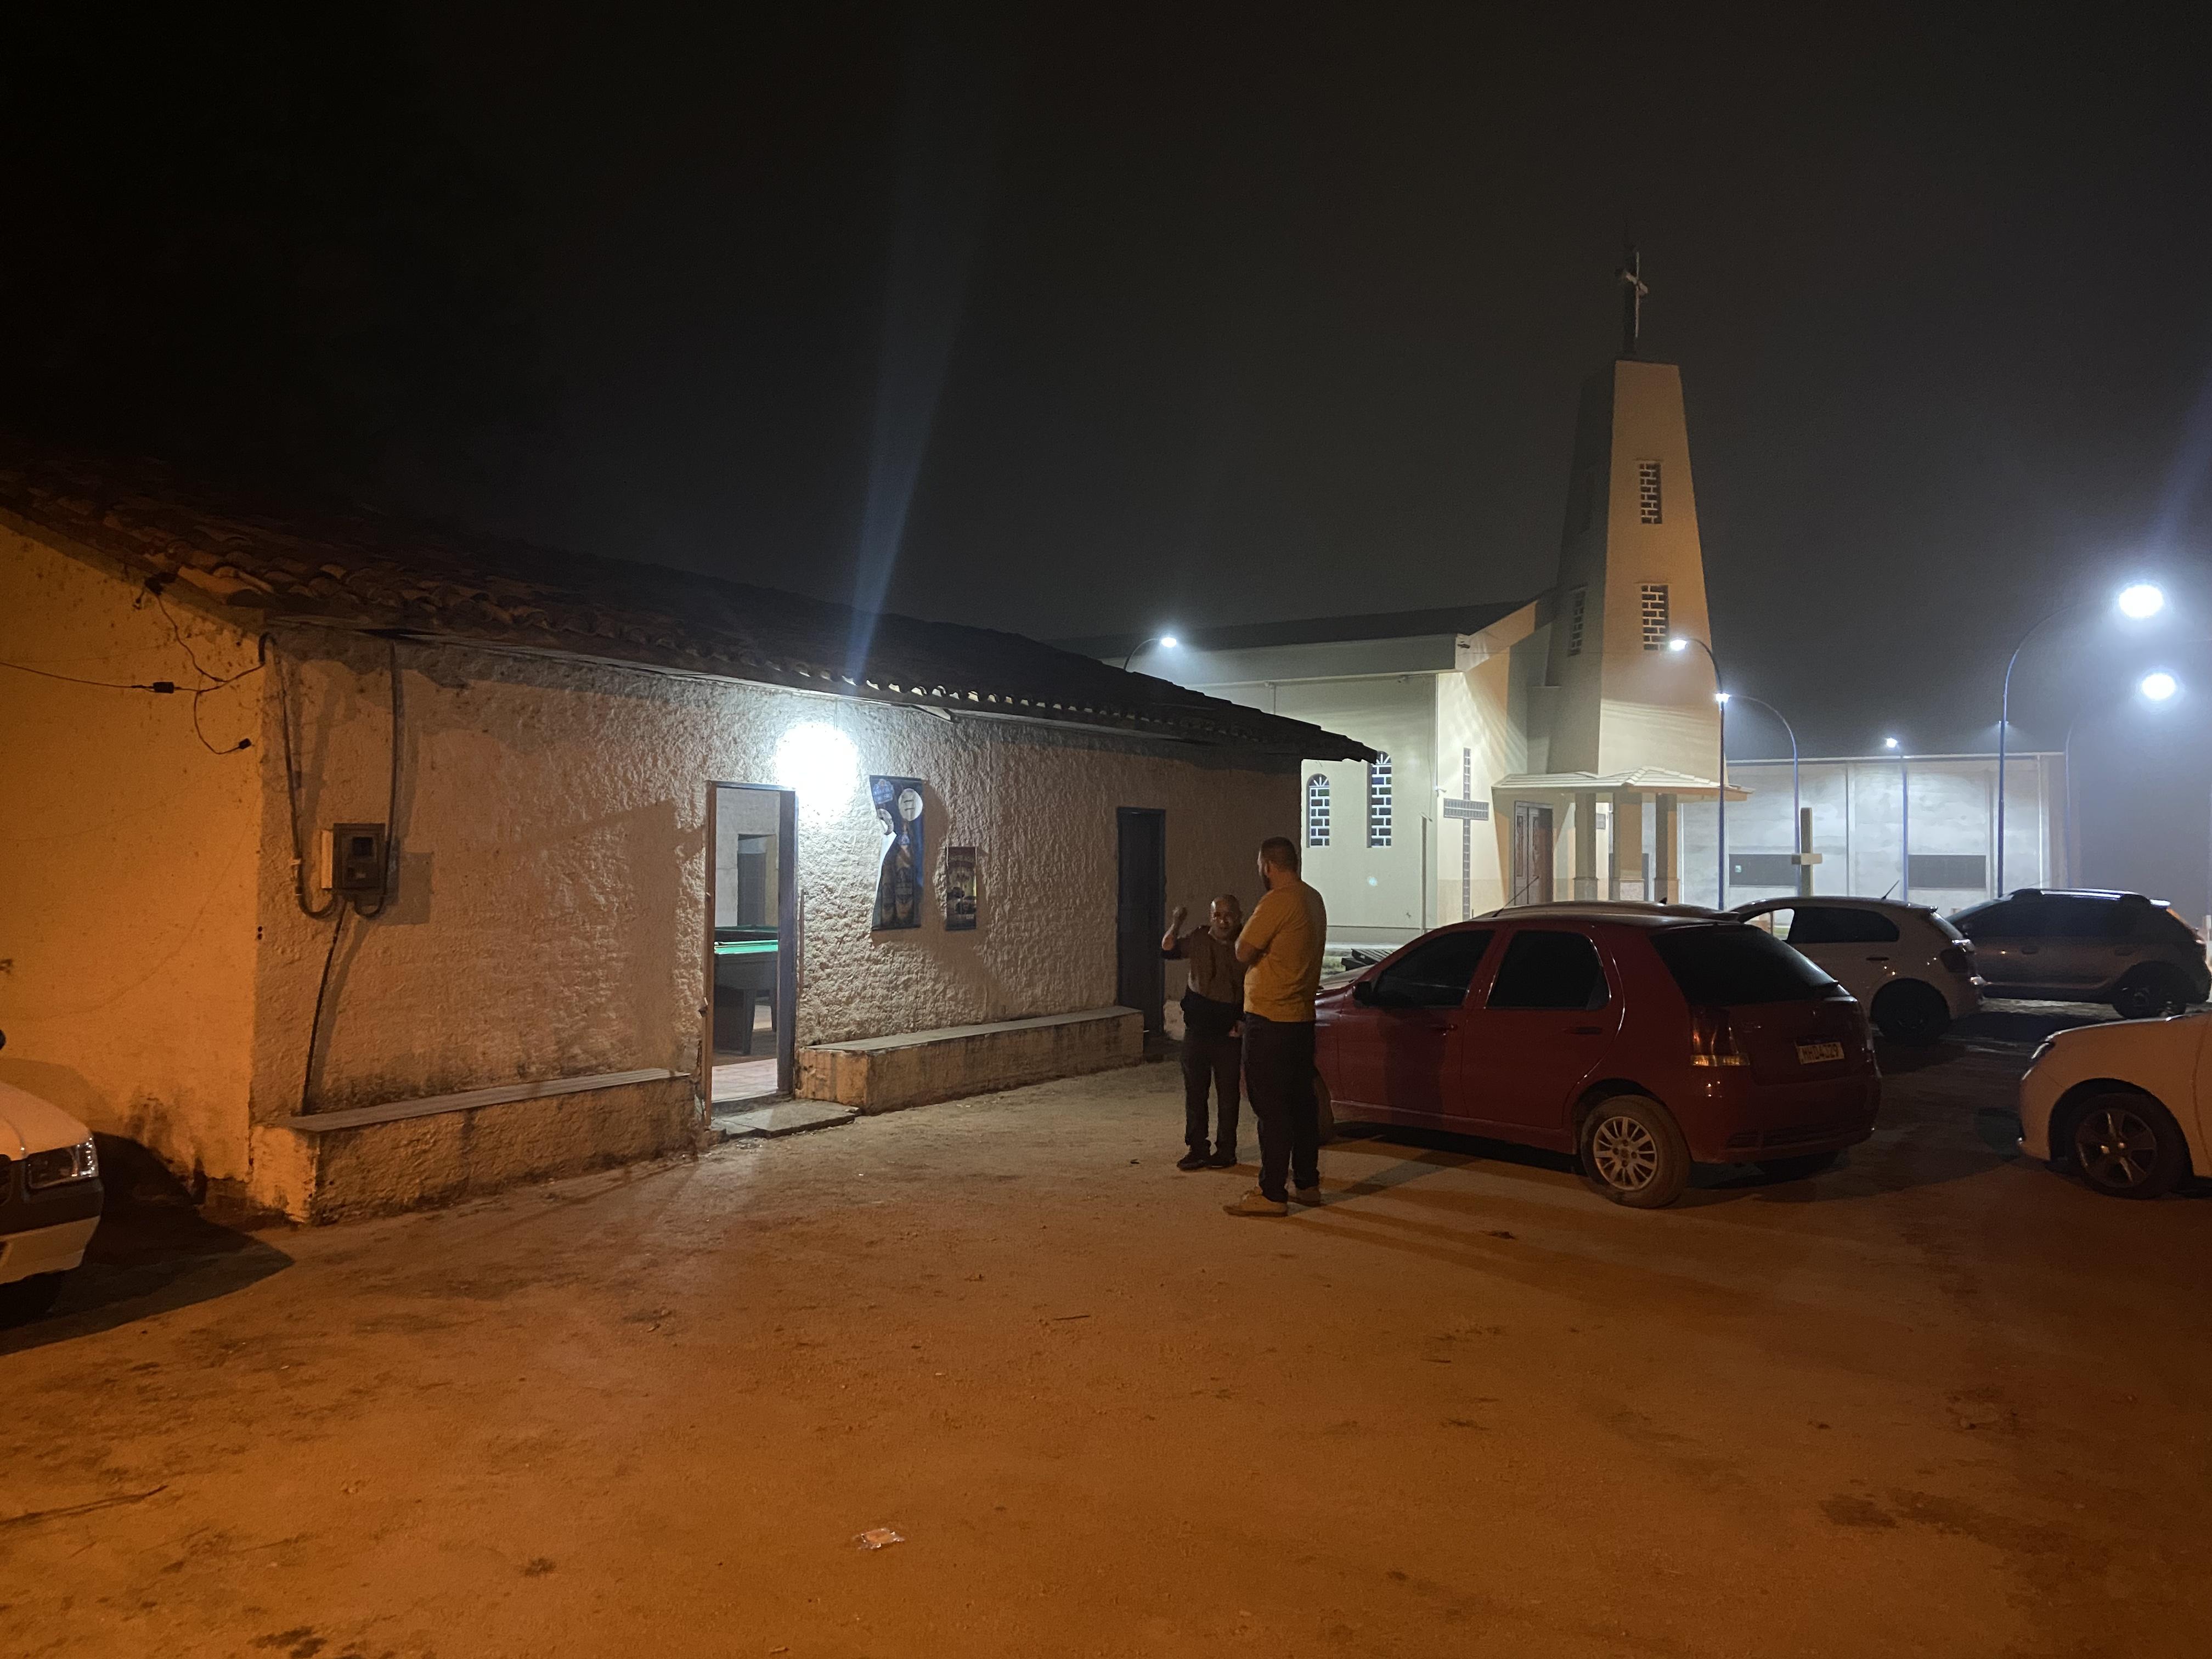 Bandidos armados invadem bar, ferem vítimas e roubam veículo em Içara